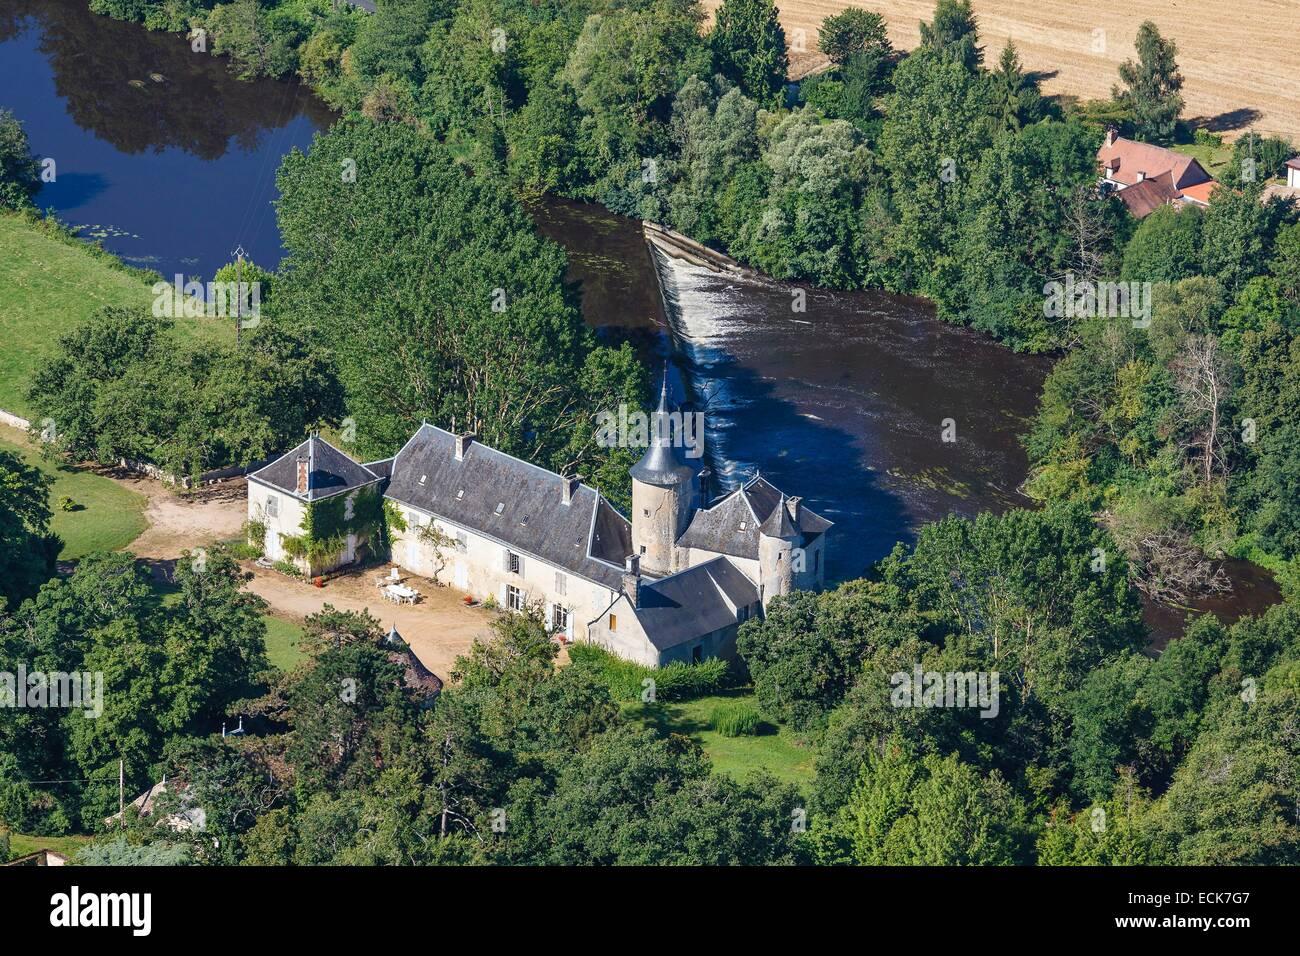 France, Vienne, Saint Pierre de Maille, La Roche a Gue castle (aerial view) - Stock Image